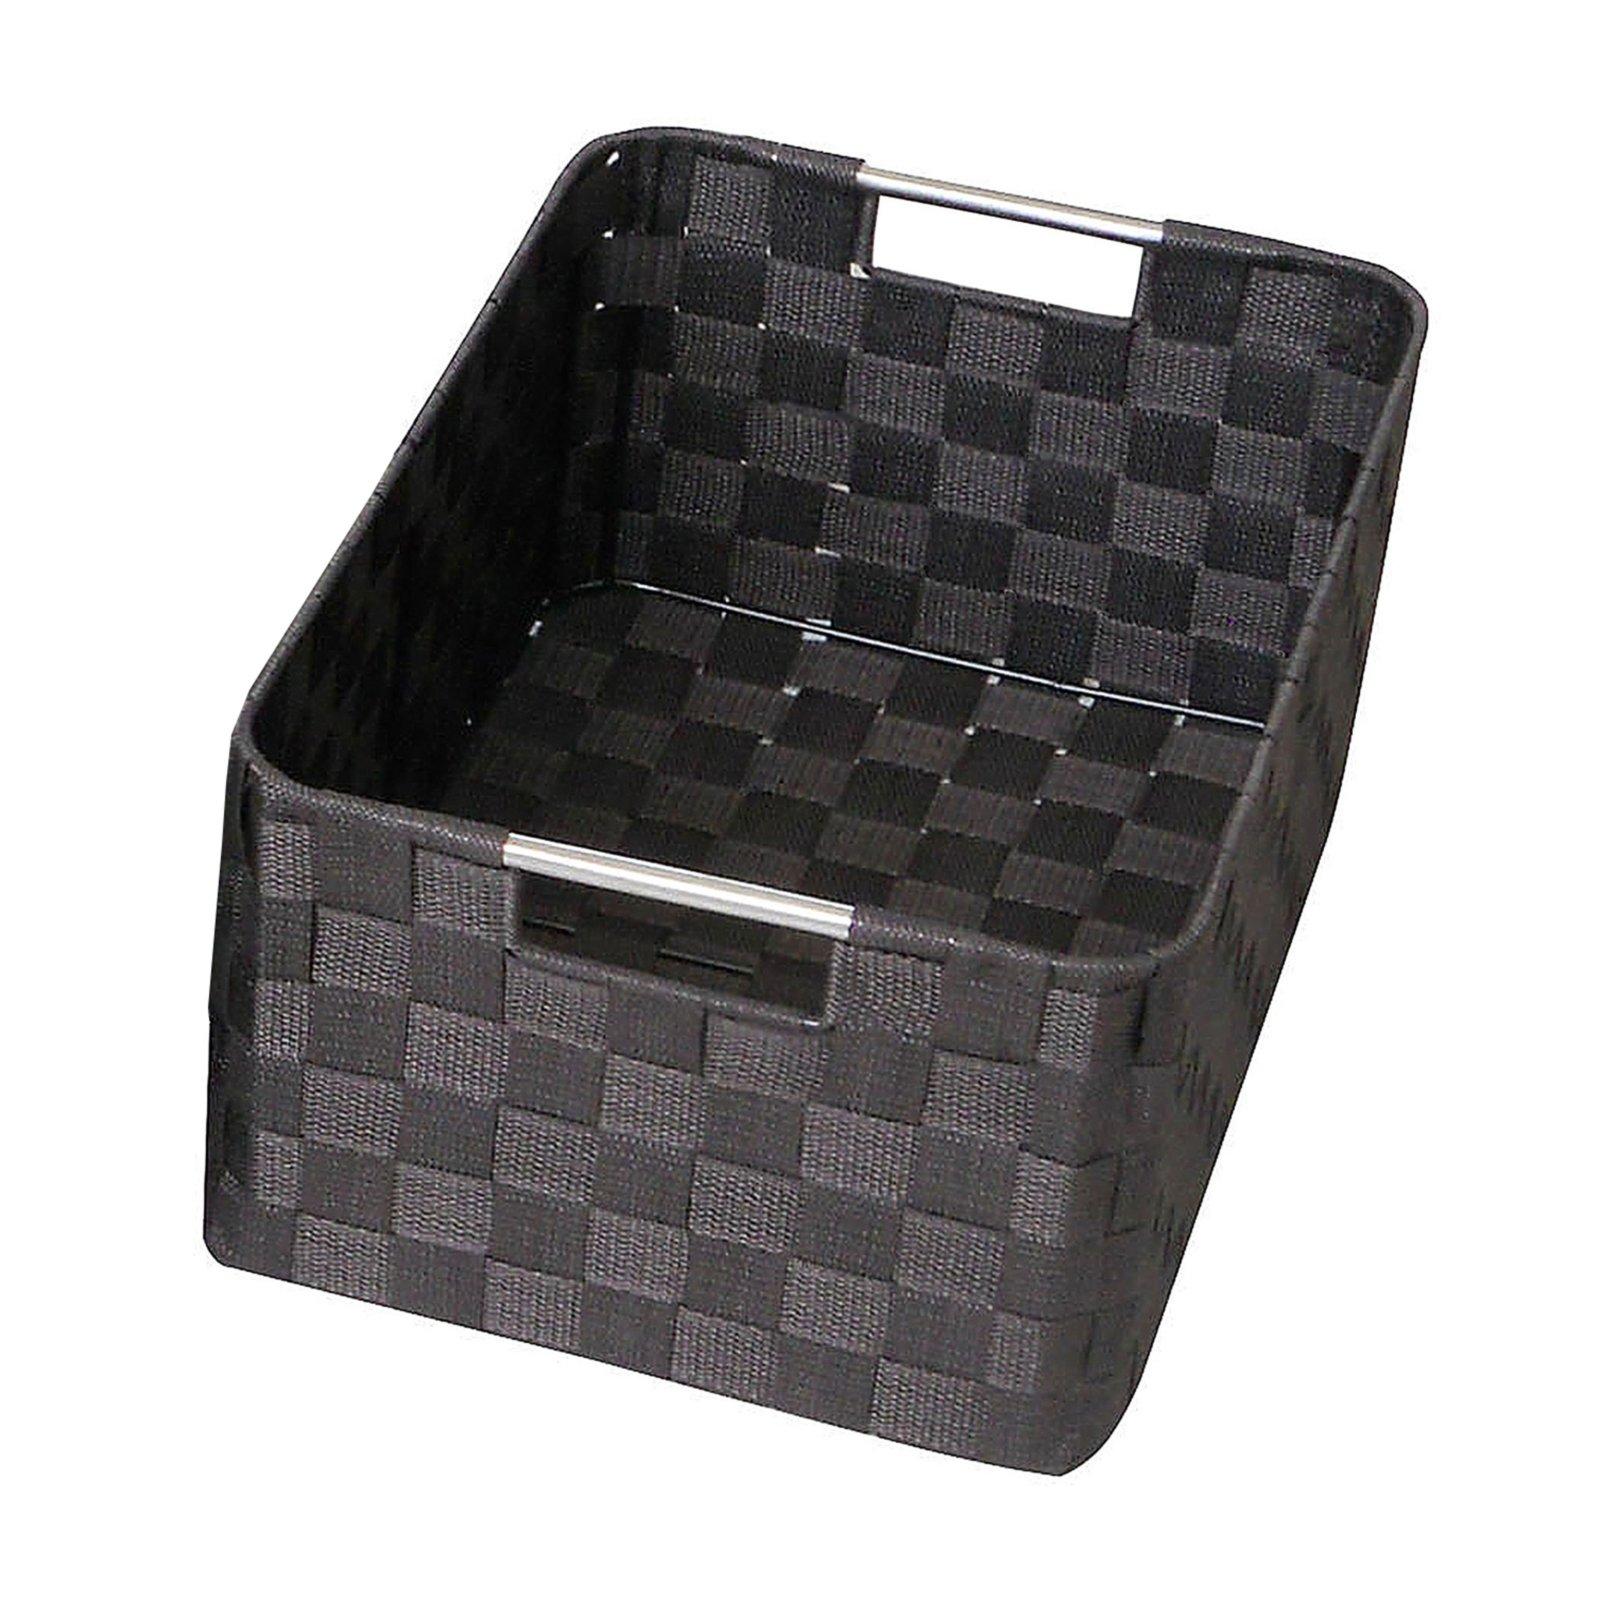 aufbewahrungskorb braun gr e s dekorative boxen k rbe boxen k rbe deko haushalt. Black Bedroom Furniture Sets. Home Design Ideas